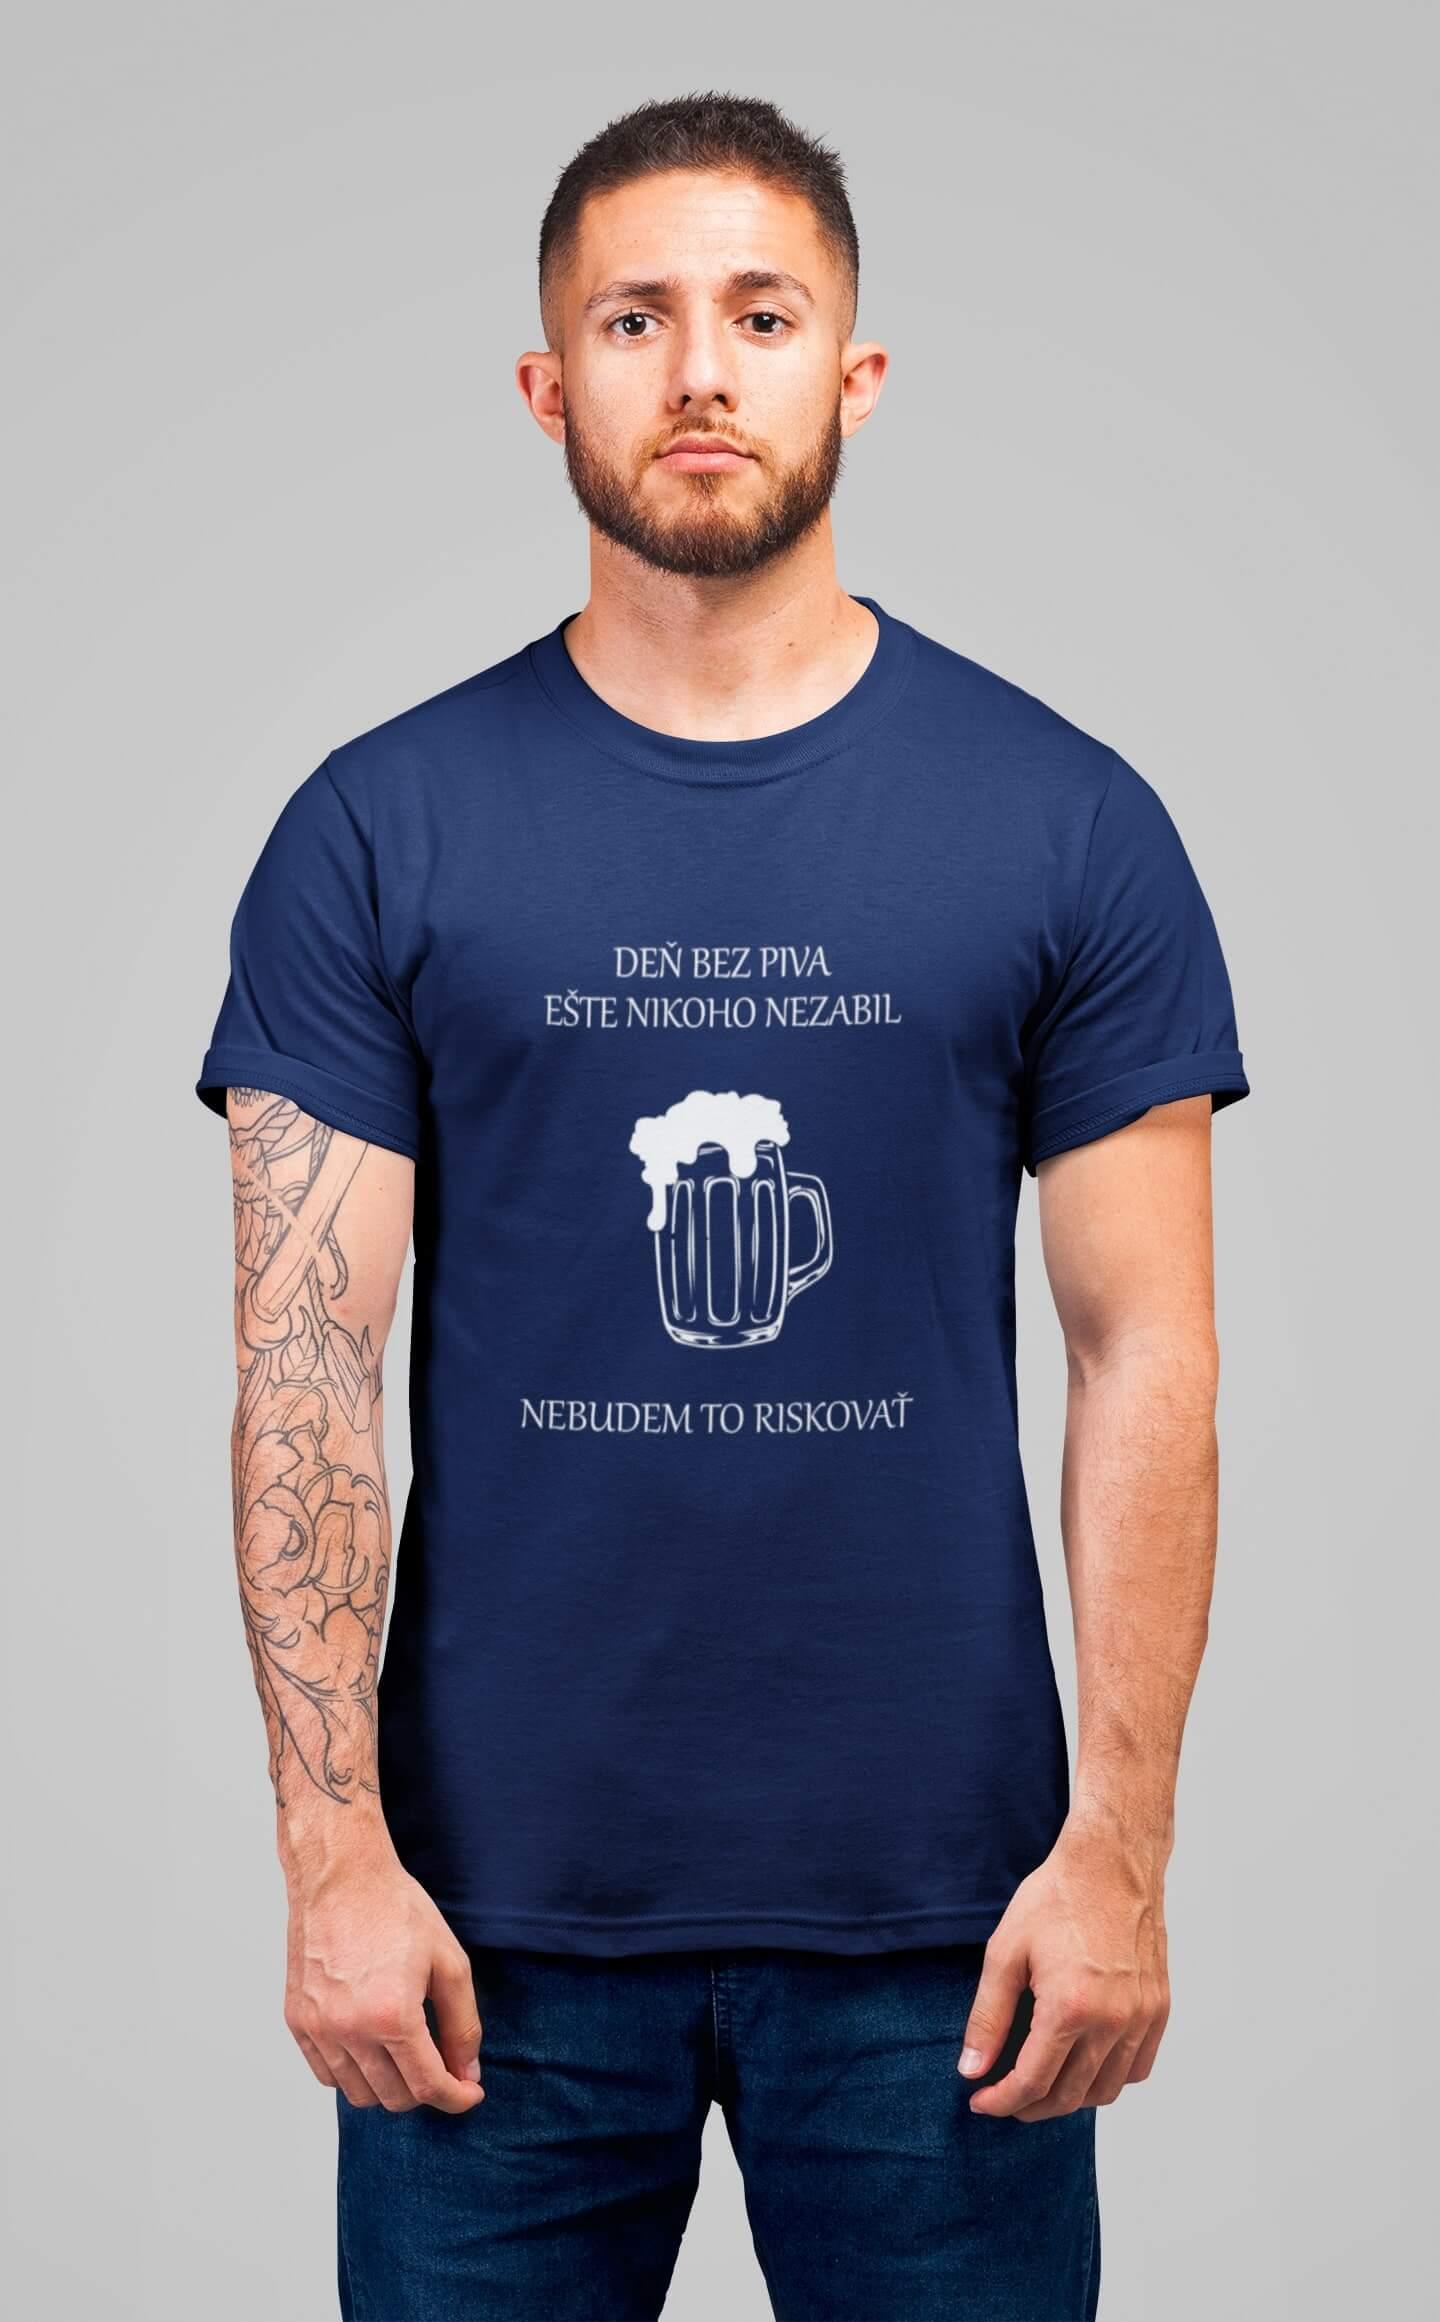 MMO Pánske tričko Deň bez piva Vyberte farbu: Kráľovská modrá, Vyberte veľkosť: XL